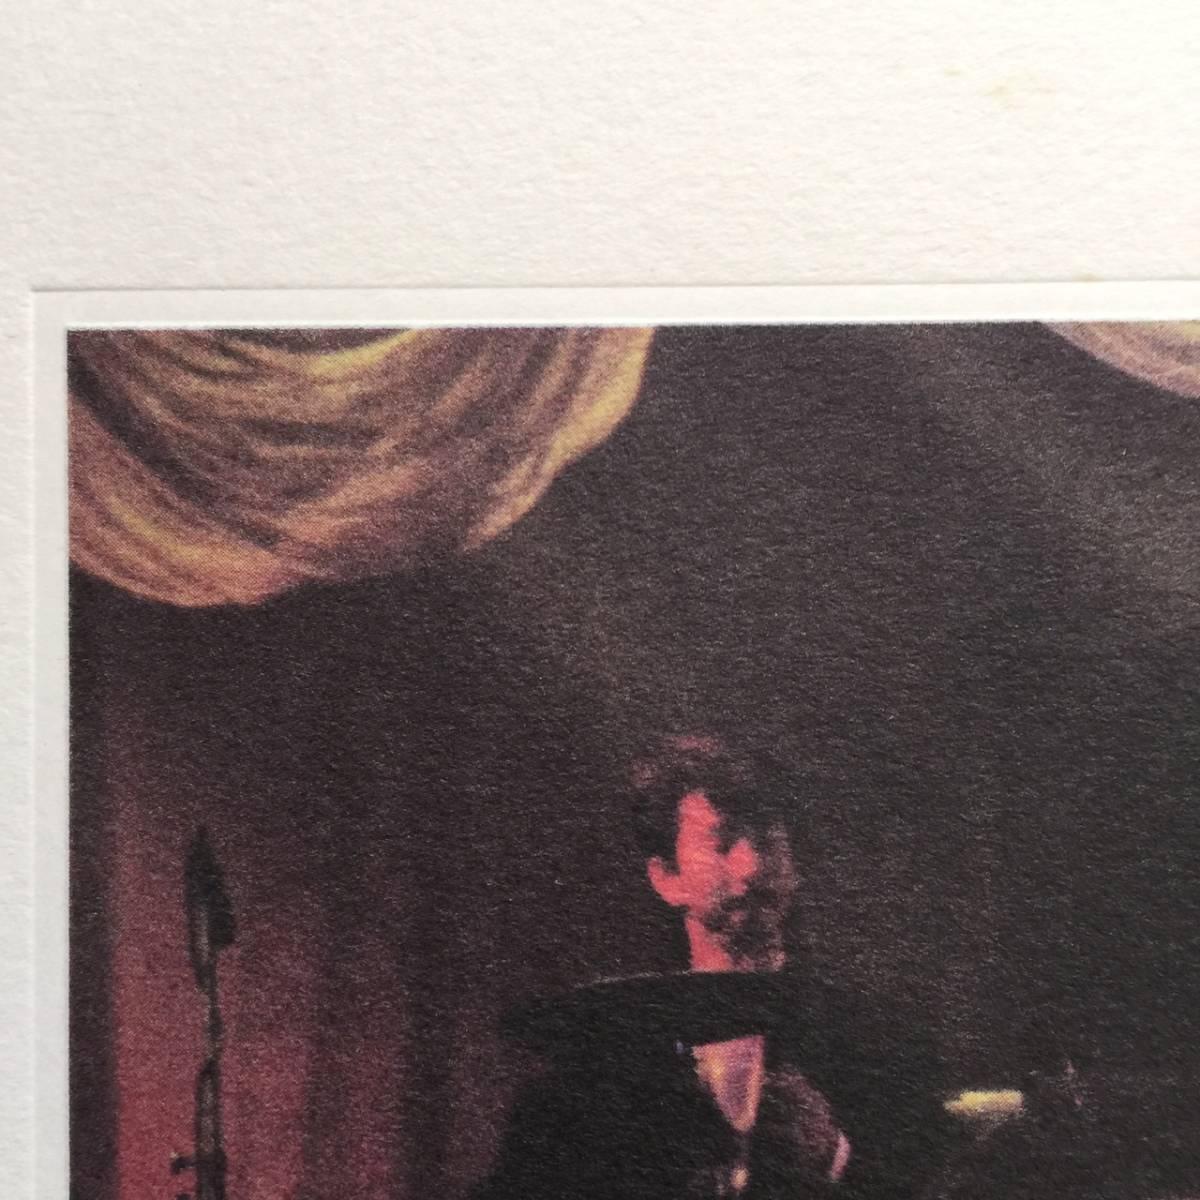 希少 美品 萩原健一 yin & yang Memorial of Christmas 1987 ポスター B3 サイズ Kenichi Hagiwara イン&ヤン ショーケン_画像5